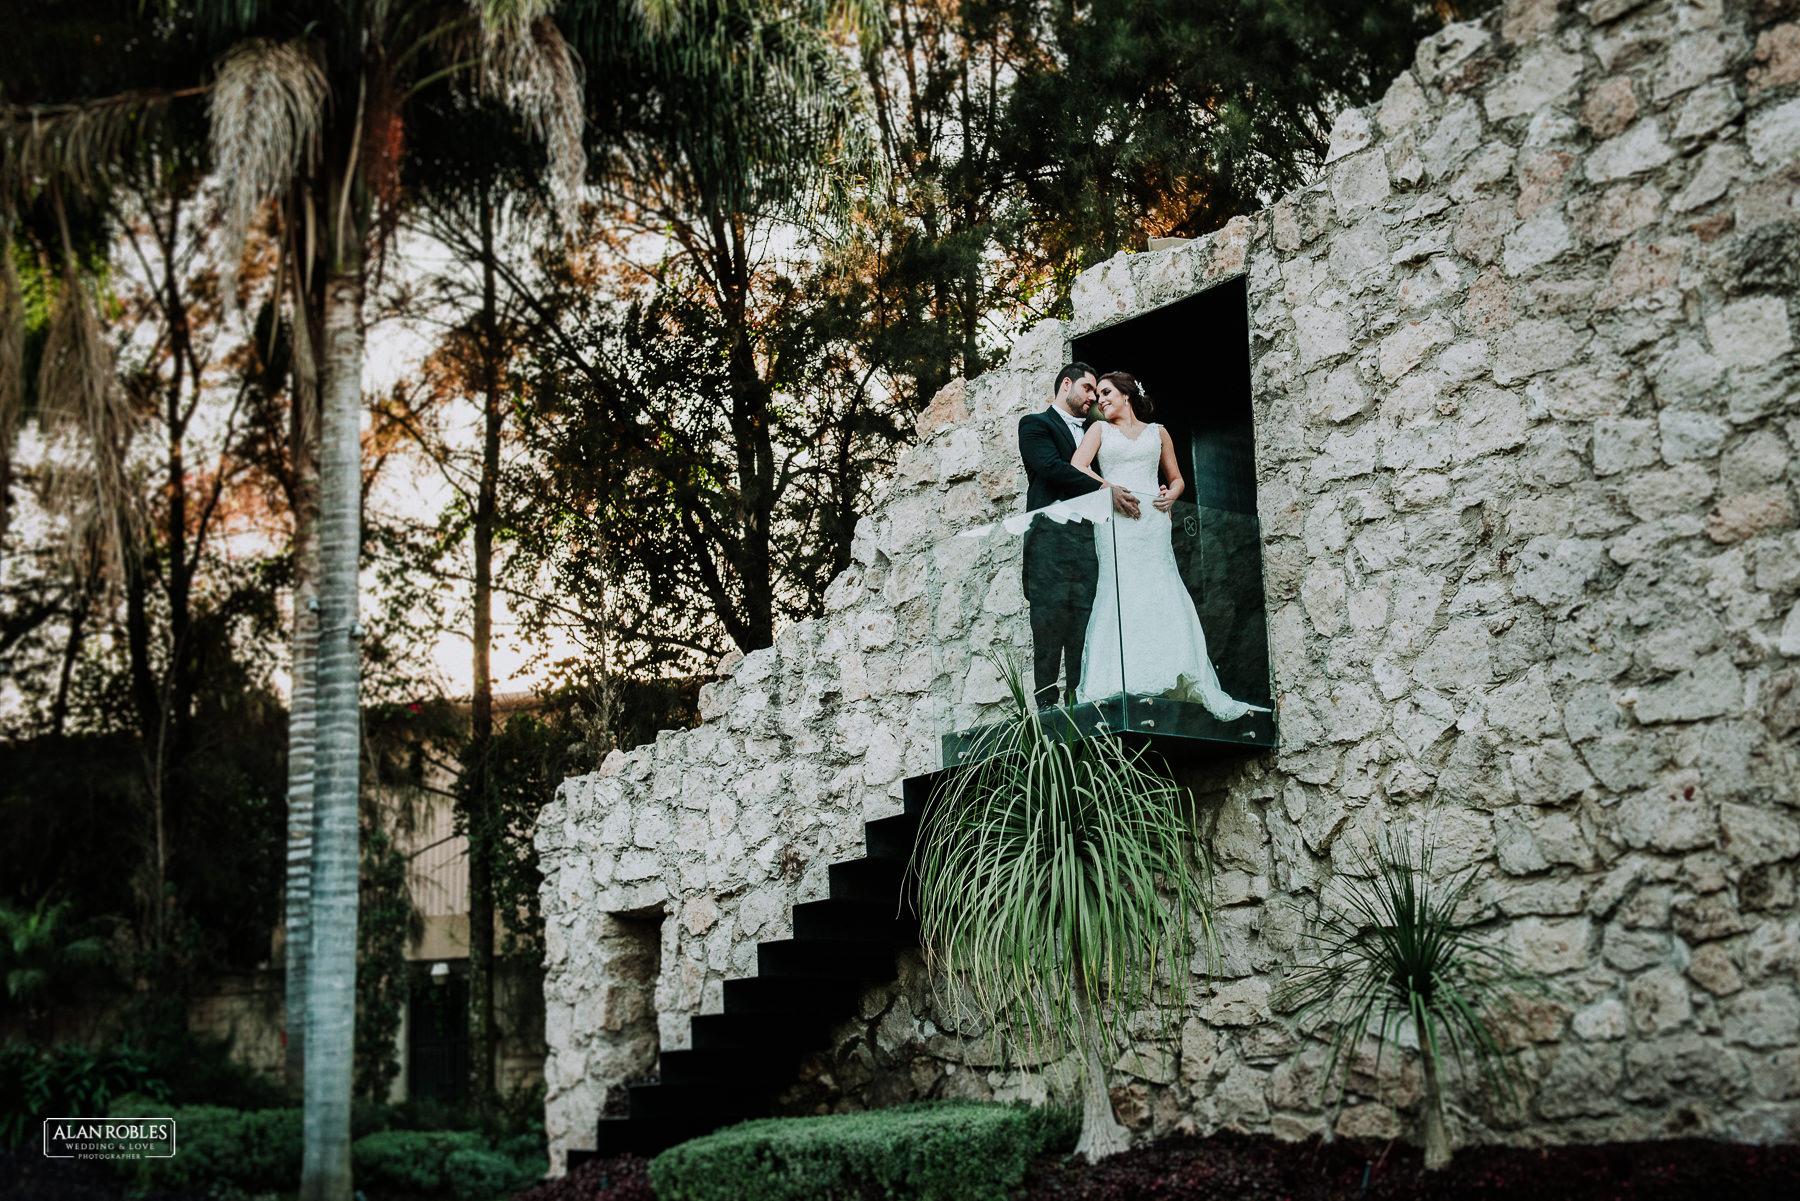 Fotografo de bodas Alan Robles-Casa Clementina Guadalajara DyA-38